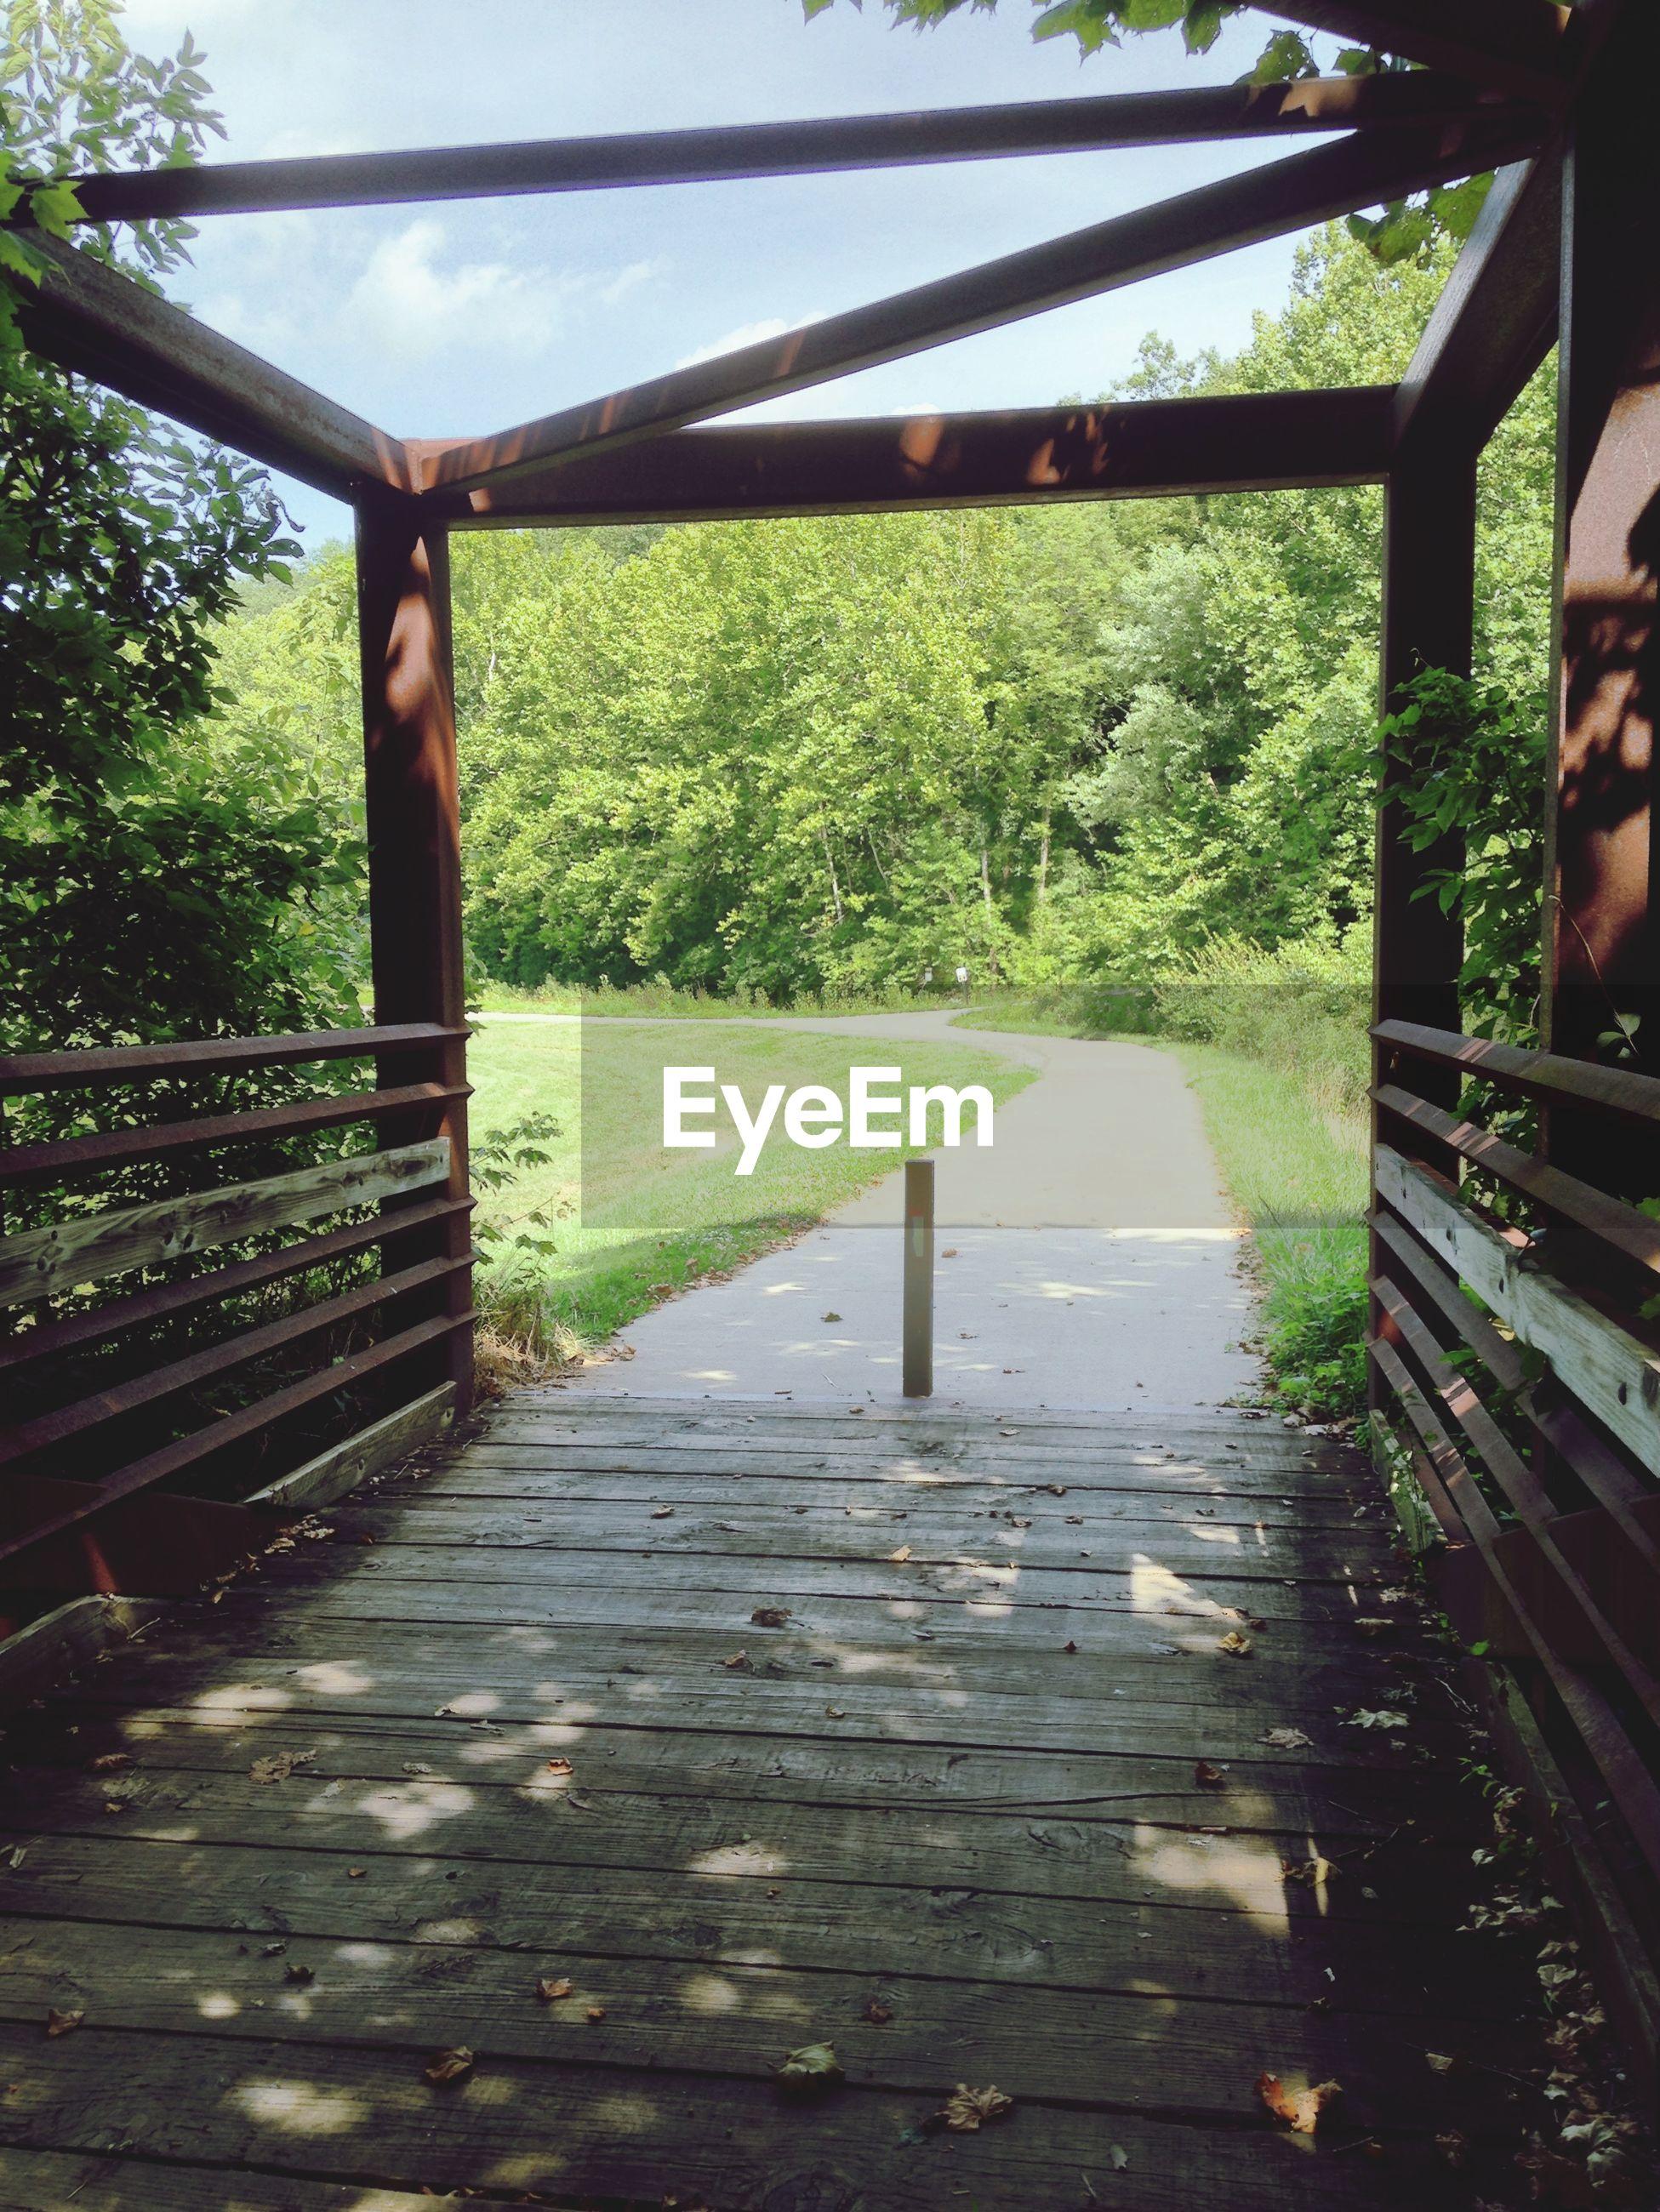 Bridge by walkway against trees